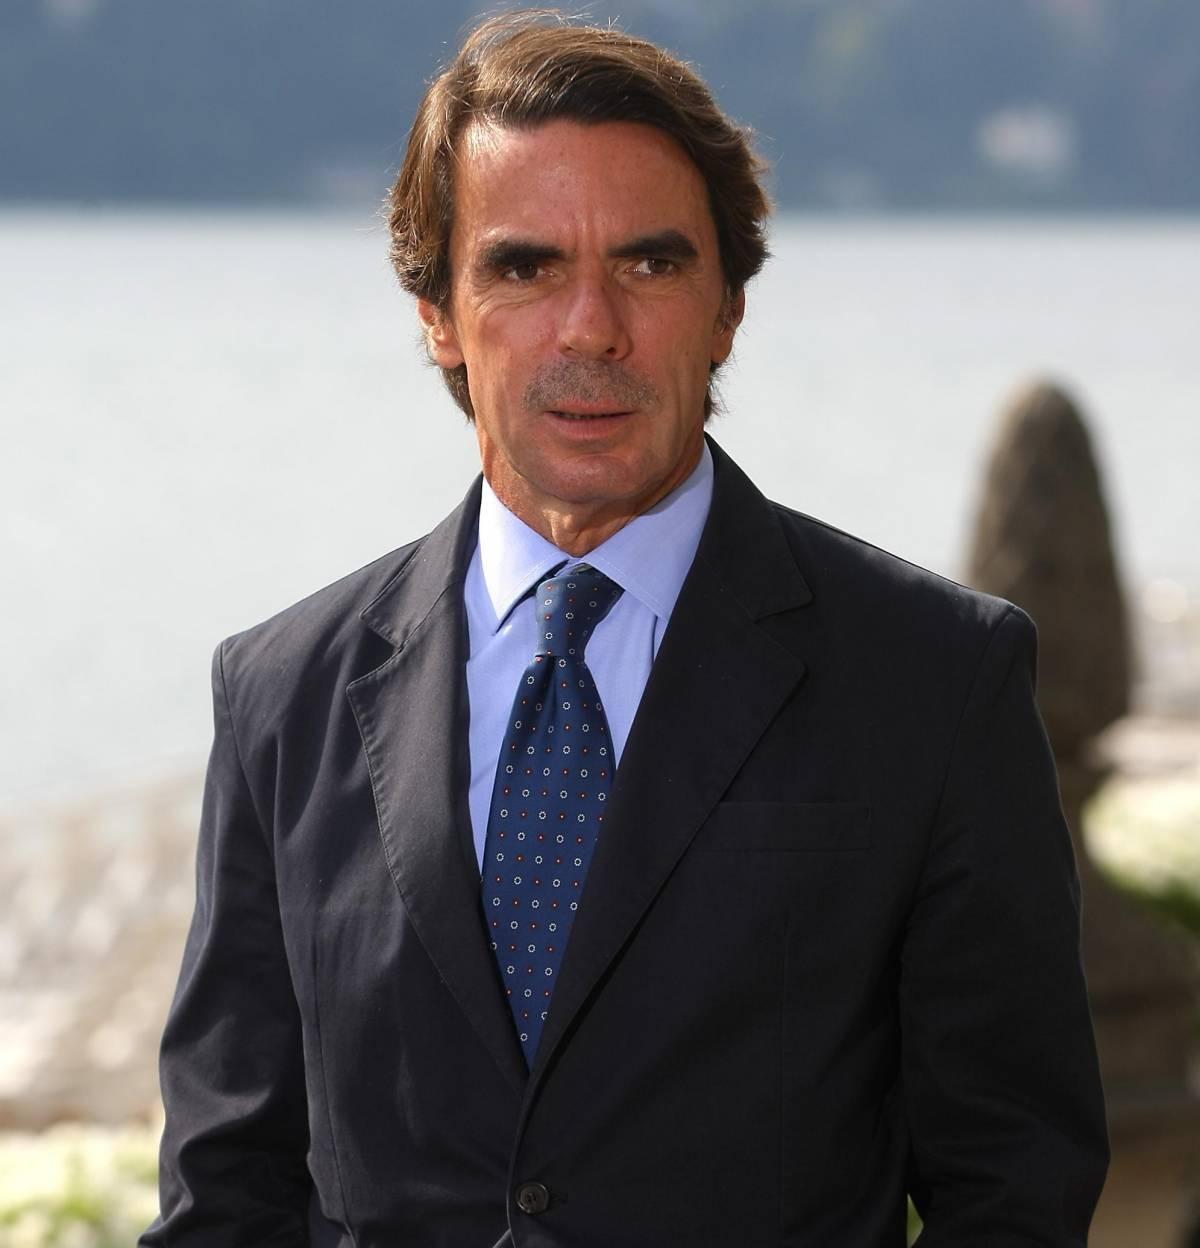 La nuova vita di Aznar sempre al centro dei giochi